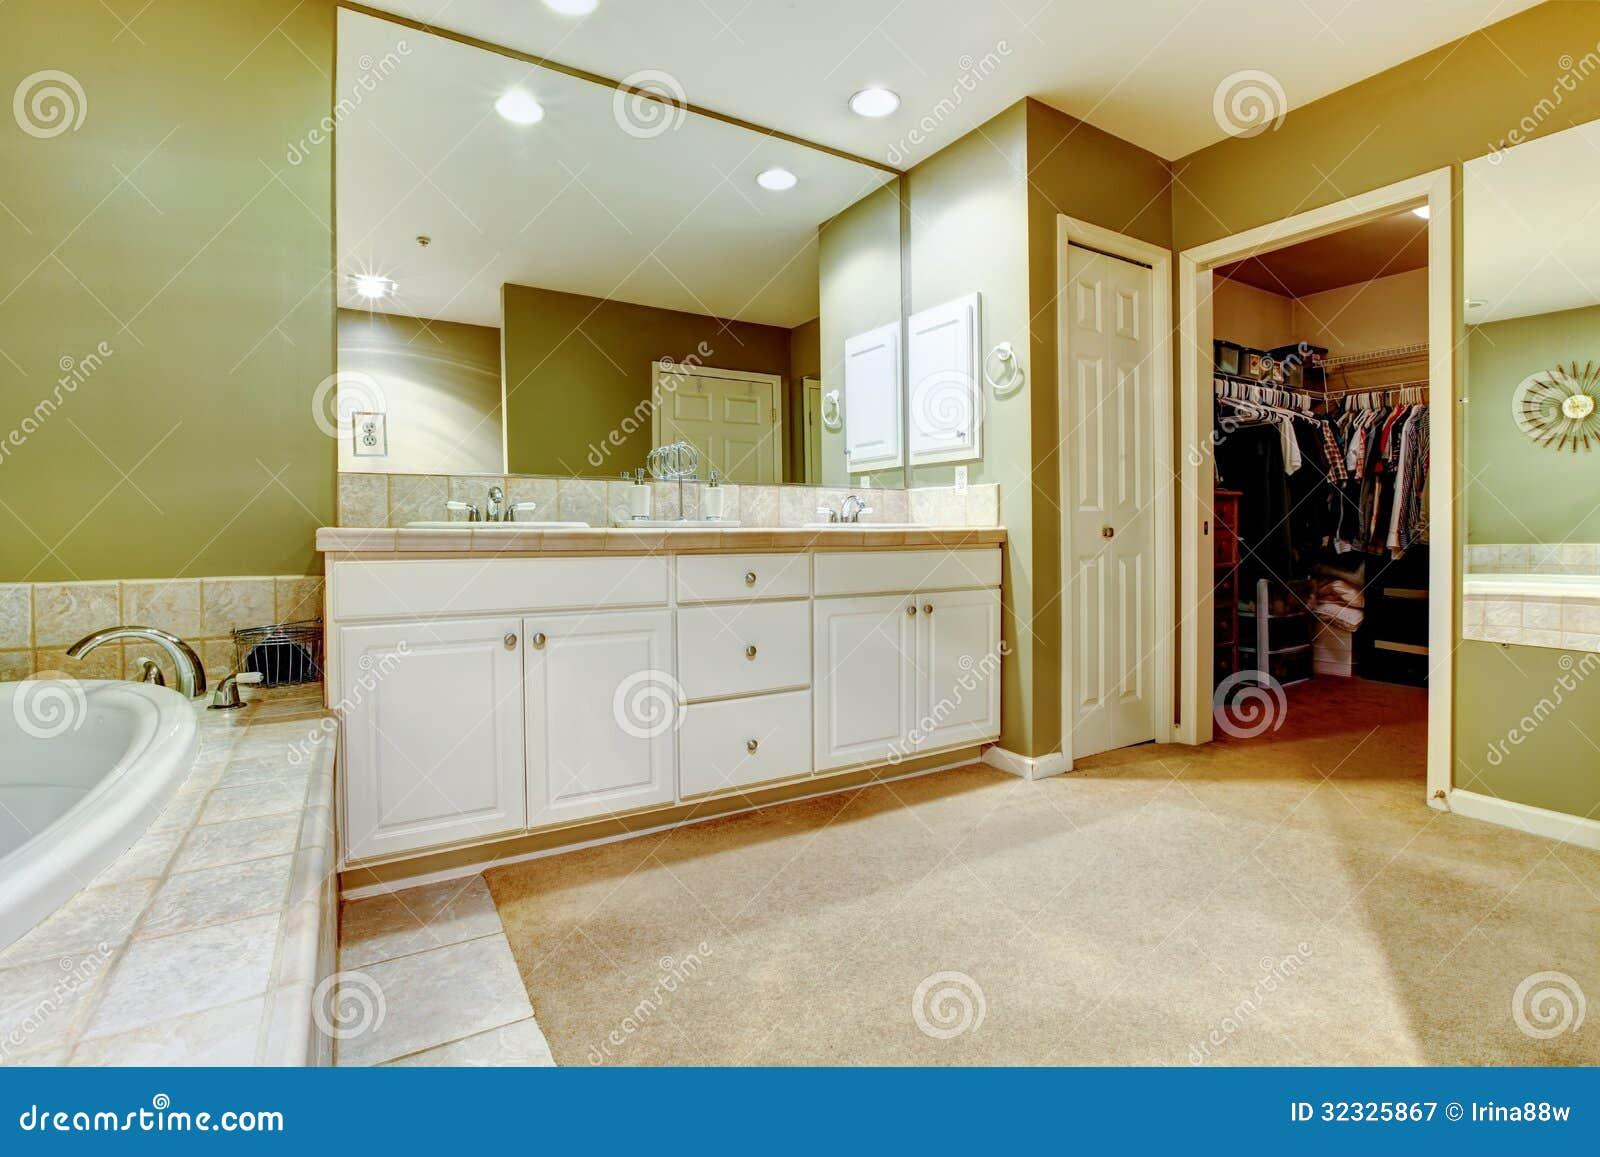 Banheiro Verde E Branco Com Dois Dissipadores E Armários. Fotografia  #6E3E0F 1300x957 Banheiro Bege Com Verde